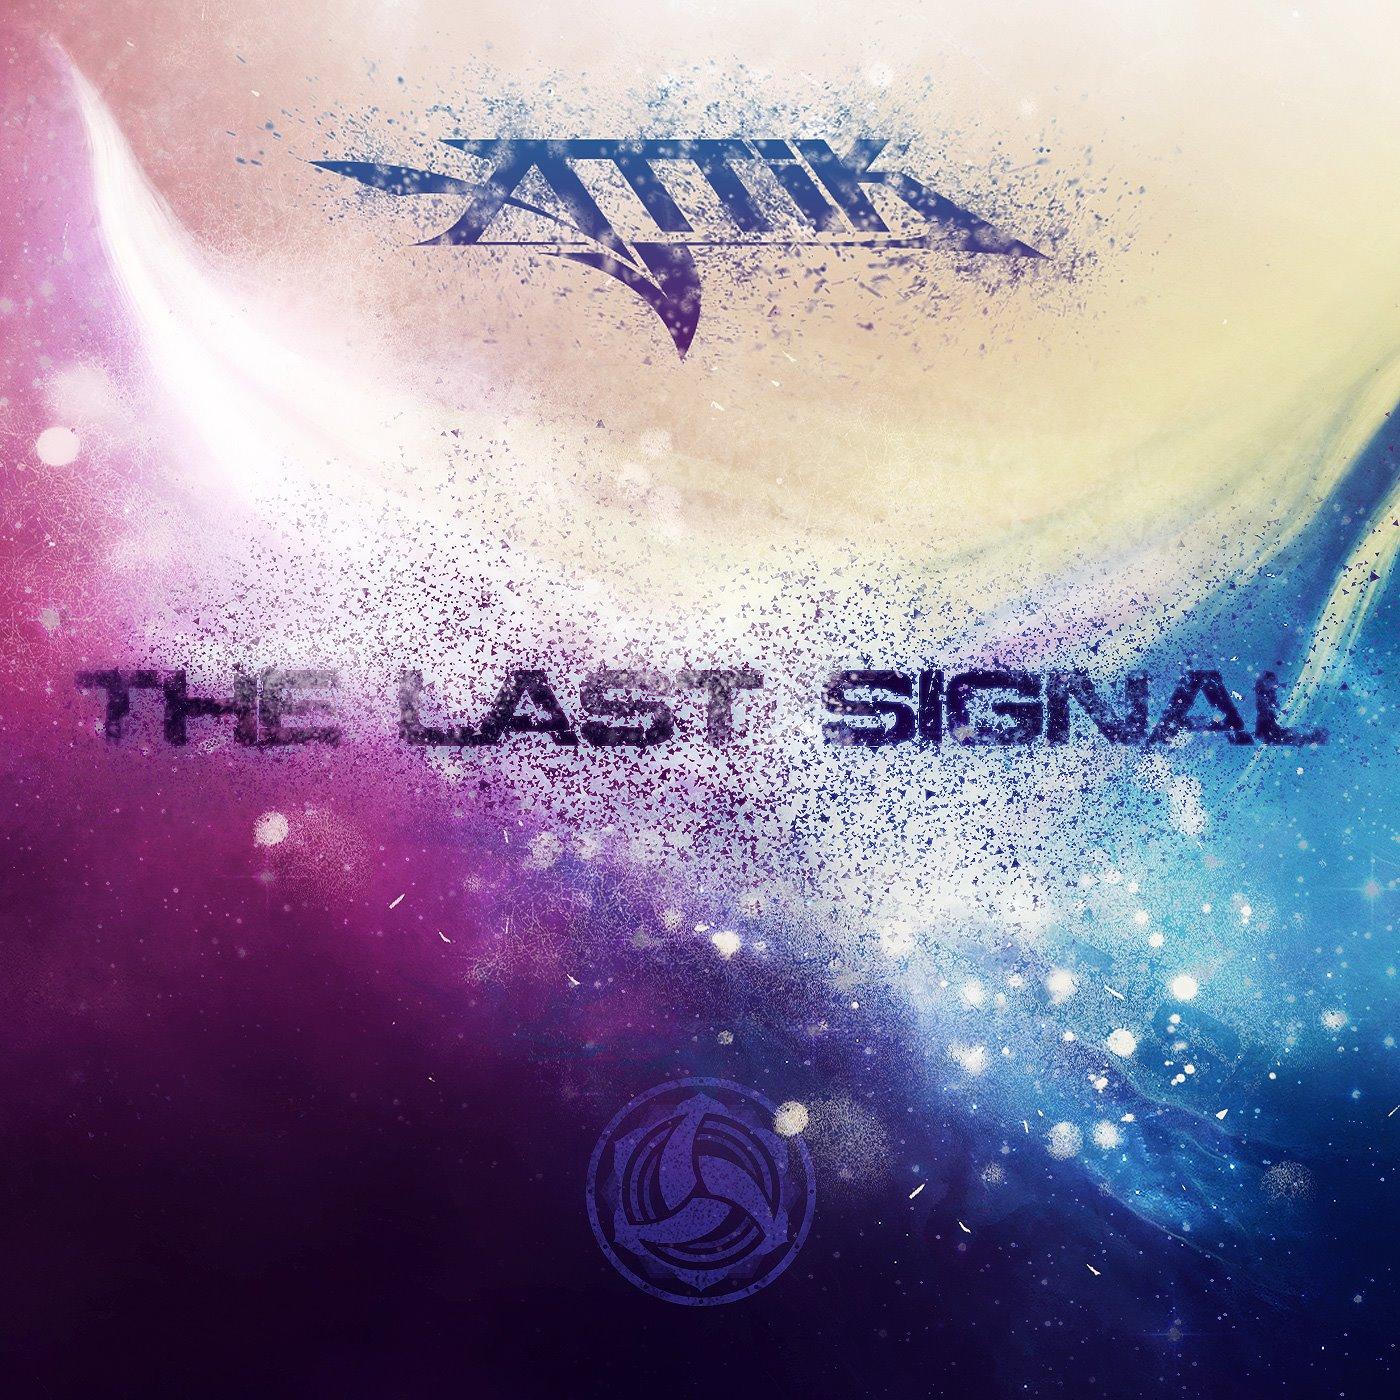 Attik - The Last Signal